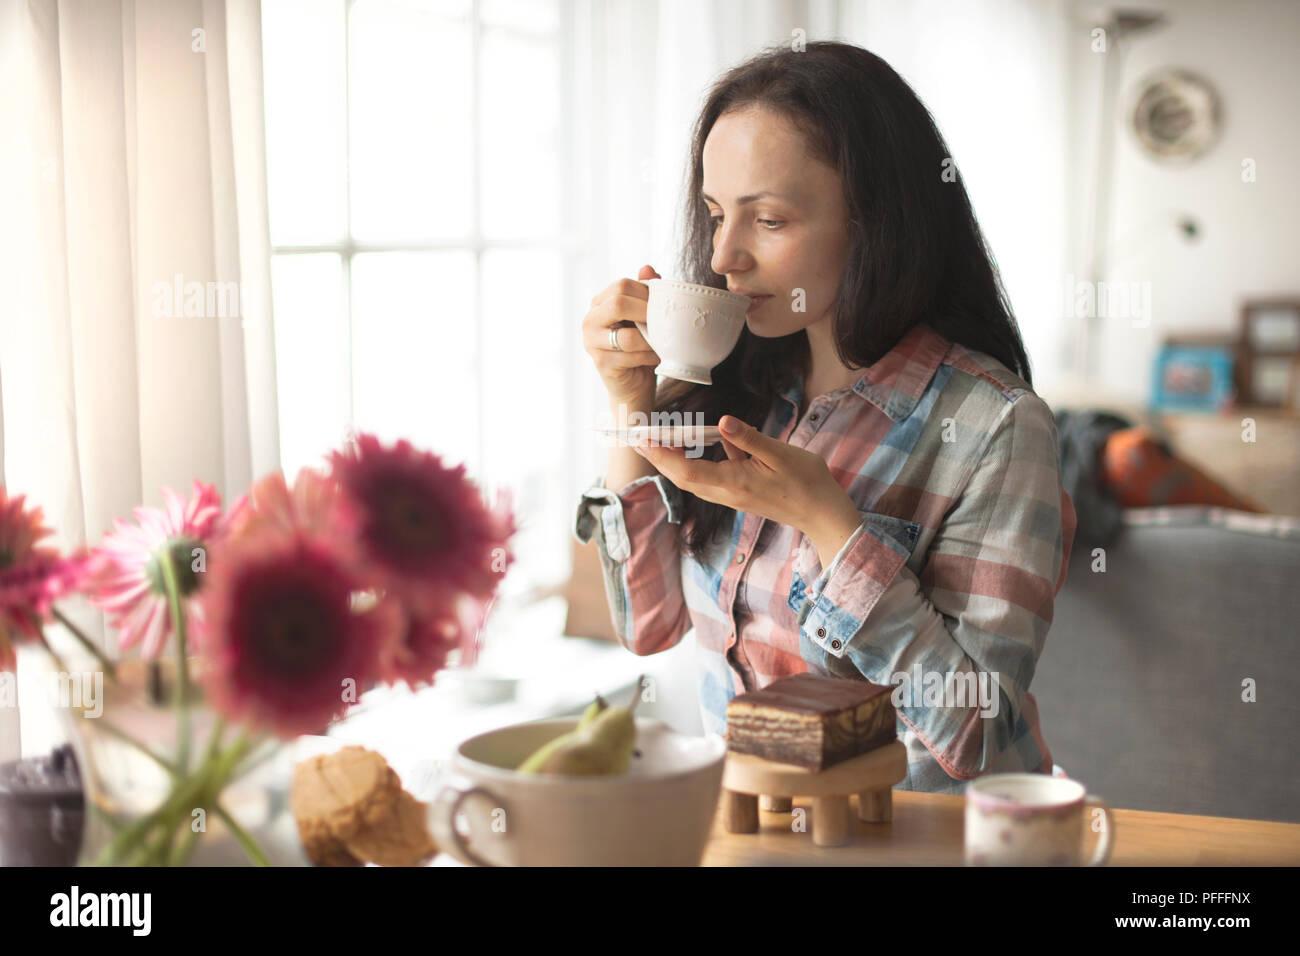 Femme avec une tasse de café, un bon matin à la maison. Le petit-déjeuner et café parfumé. L'intérieur est confortable et les fleurs. Espace libre pour le texte. Photo Stock